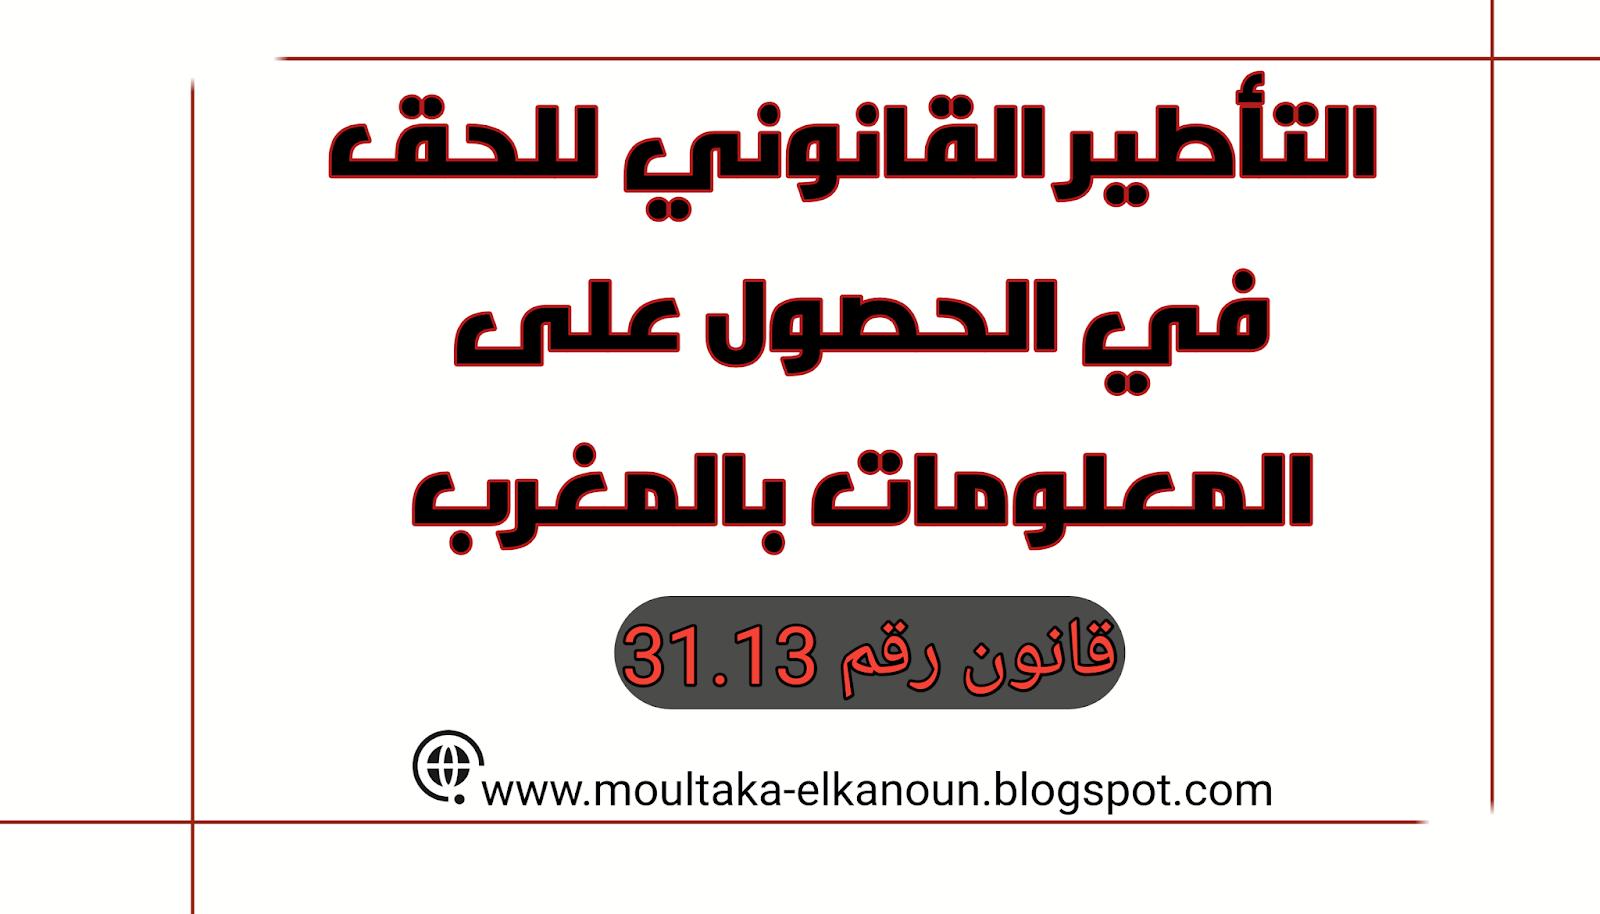 قانون الوظيفة العمومية بالمغرب 2020 pdf